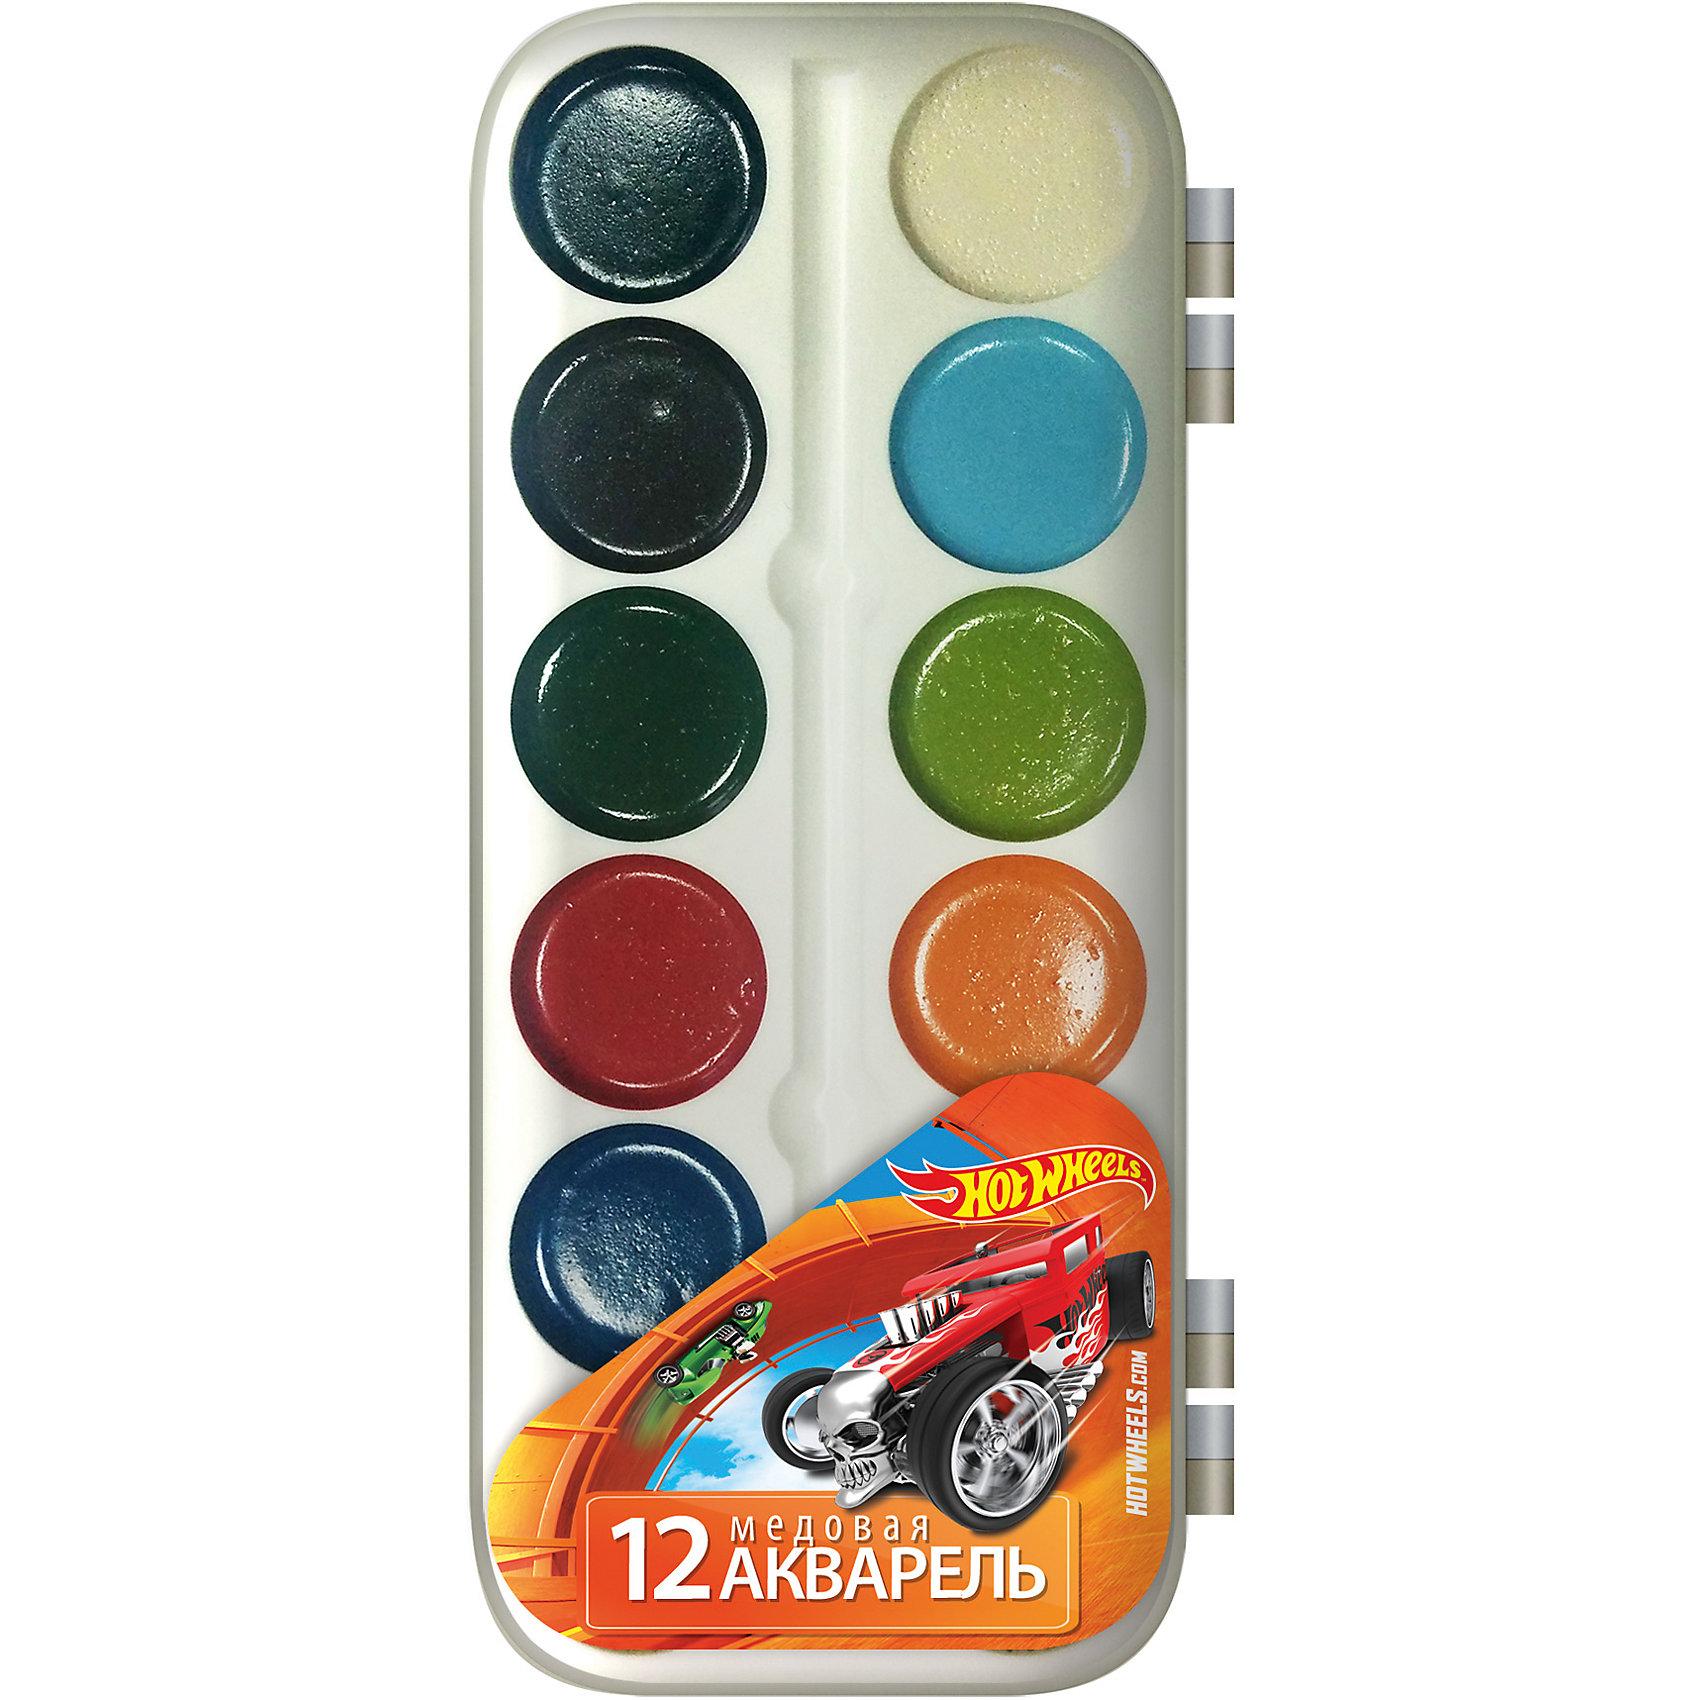 Акварельные медовые краски (12 цветов), Hot WheelsАкварельные медовые краски (12 цветов), Hot Wheels<br><br>Характеристики:<br><br>• Количество цветов: 12<br>• Тип: акварельные медовые<br>• Упаковка: пластиковая<br>• Вес: 66г<br>• Размер: 170х10х80мм<br><br>Медовые акварельные краски самые безопасные для малыша. Ими легко рисовать или раскрашивать с самого юного возраста. 12 красивых, ярких цветов в пластиковой коробочке с любимыми героями мультфильма не оставят ребенка равнодушным. Данная акварель хорошо ложится на бумагу и не требует большого количества воды.<br><br>Акварельные медовые краски (12 цветов), Hot Wheels можно купить в нашем интернет-магазине.<br><br>Ширина мм: 170<br>Глубина мм: 80<br>Высота мм: 10<br>Вес г: 66<br>Возраст от месяцев: 48<br>Возраст до месяцев: 144<br>Пол: Мужской<br>Возраст: Детский<br>SKU: 5390340